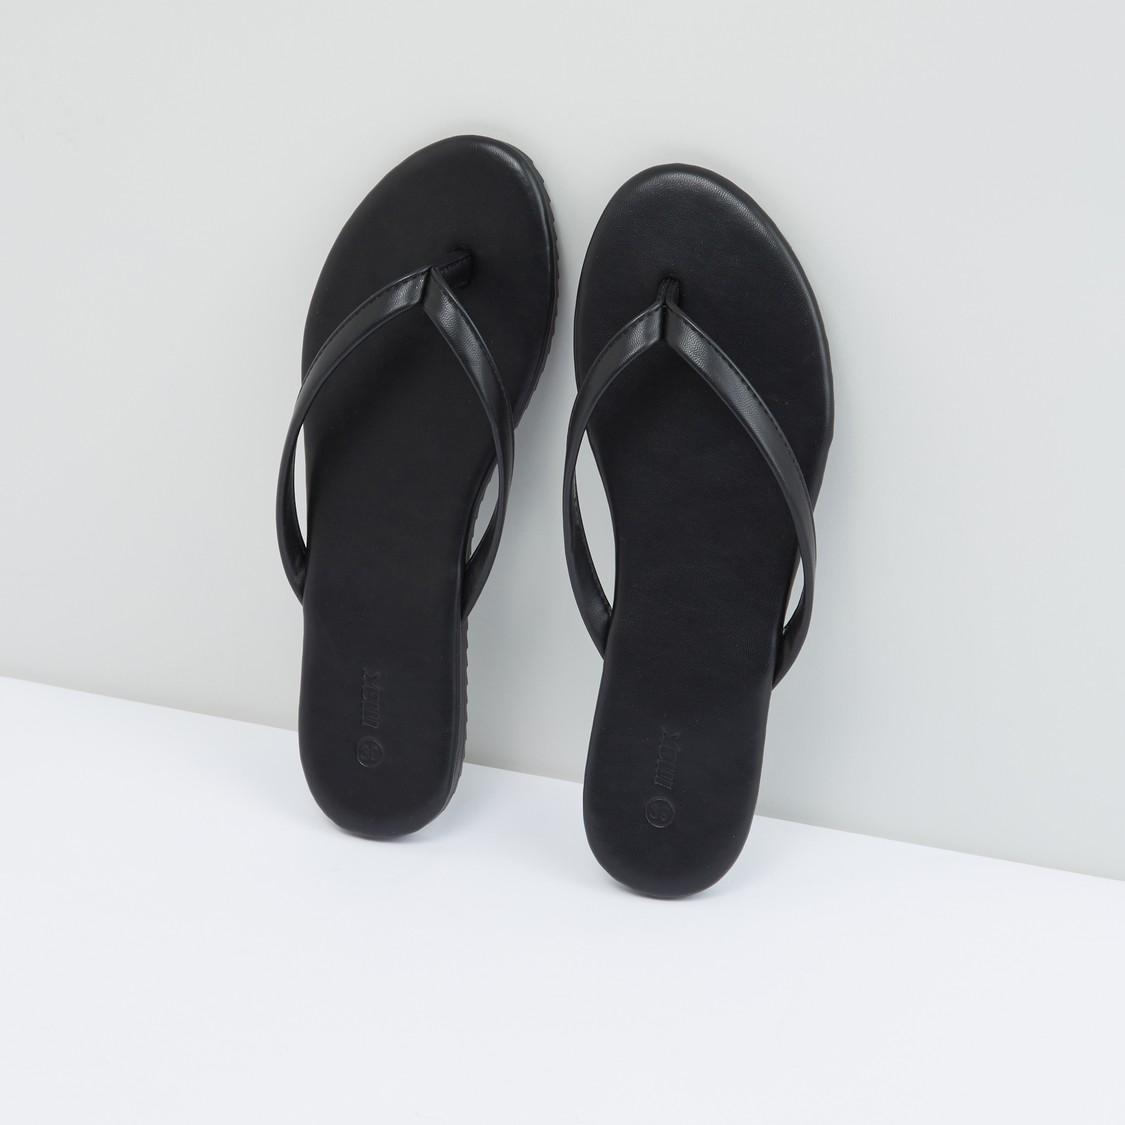 حذاء سهل الارتداء مزيّن بتفاصيل خياطة بارزة